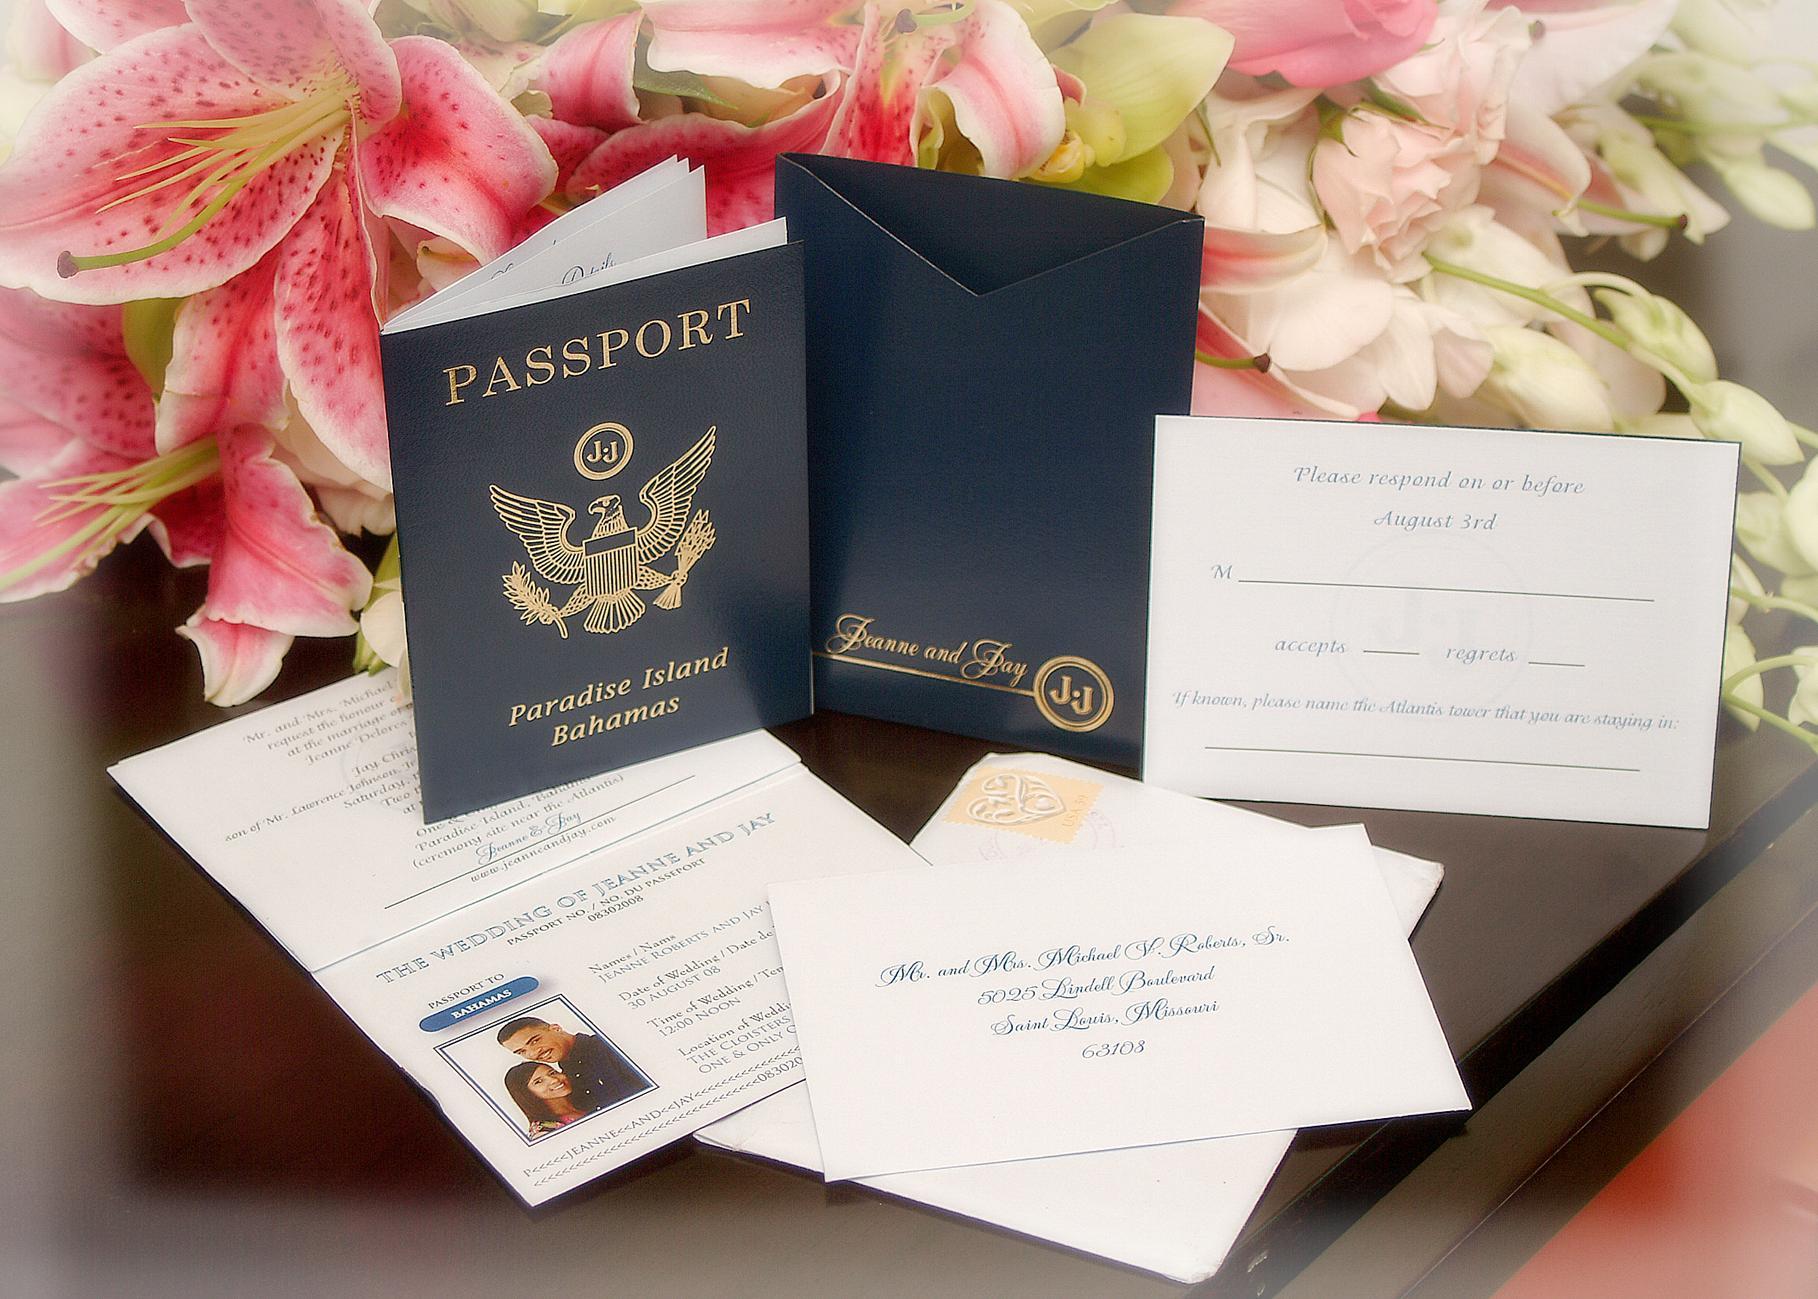 Wedding Ideas Invitation Suites for Destination Weddings Inside – Destination Wedding Invitations Passport